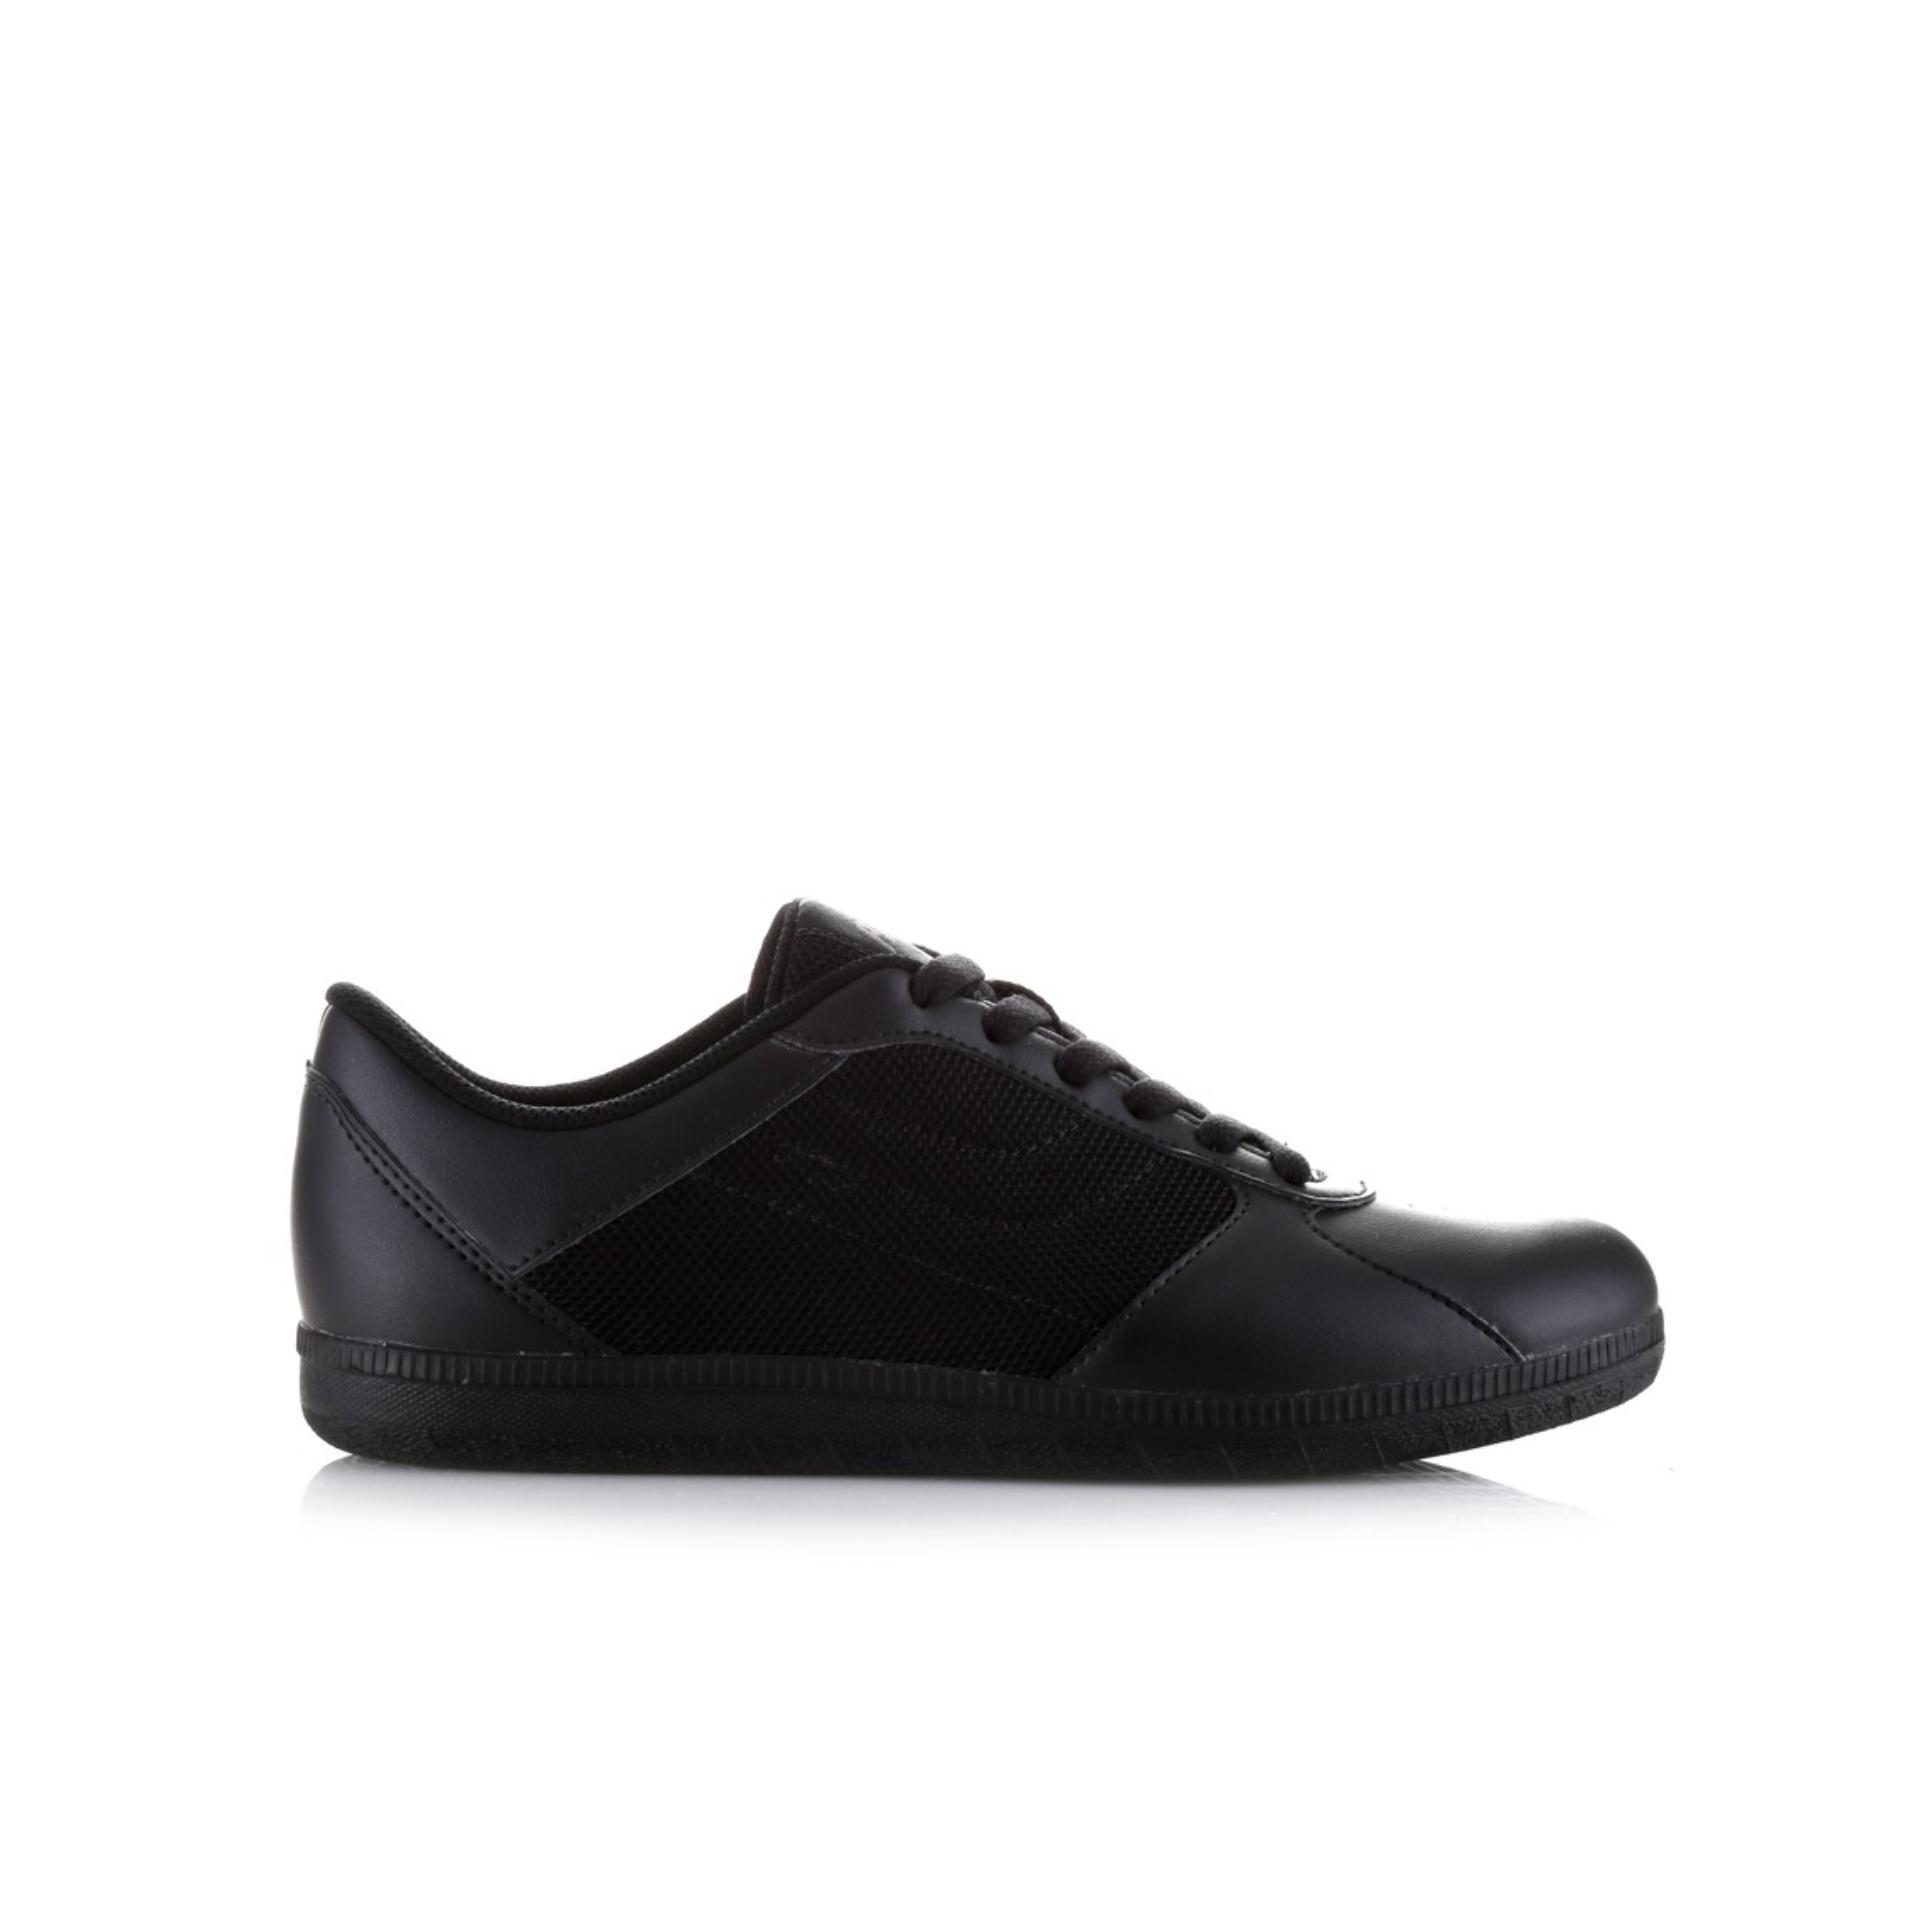 Jual Piero B 625 Sneakers Olahraga Pria All Black Piero Original